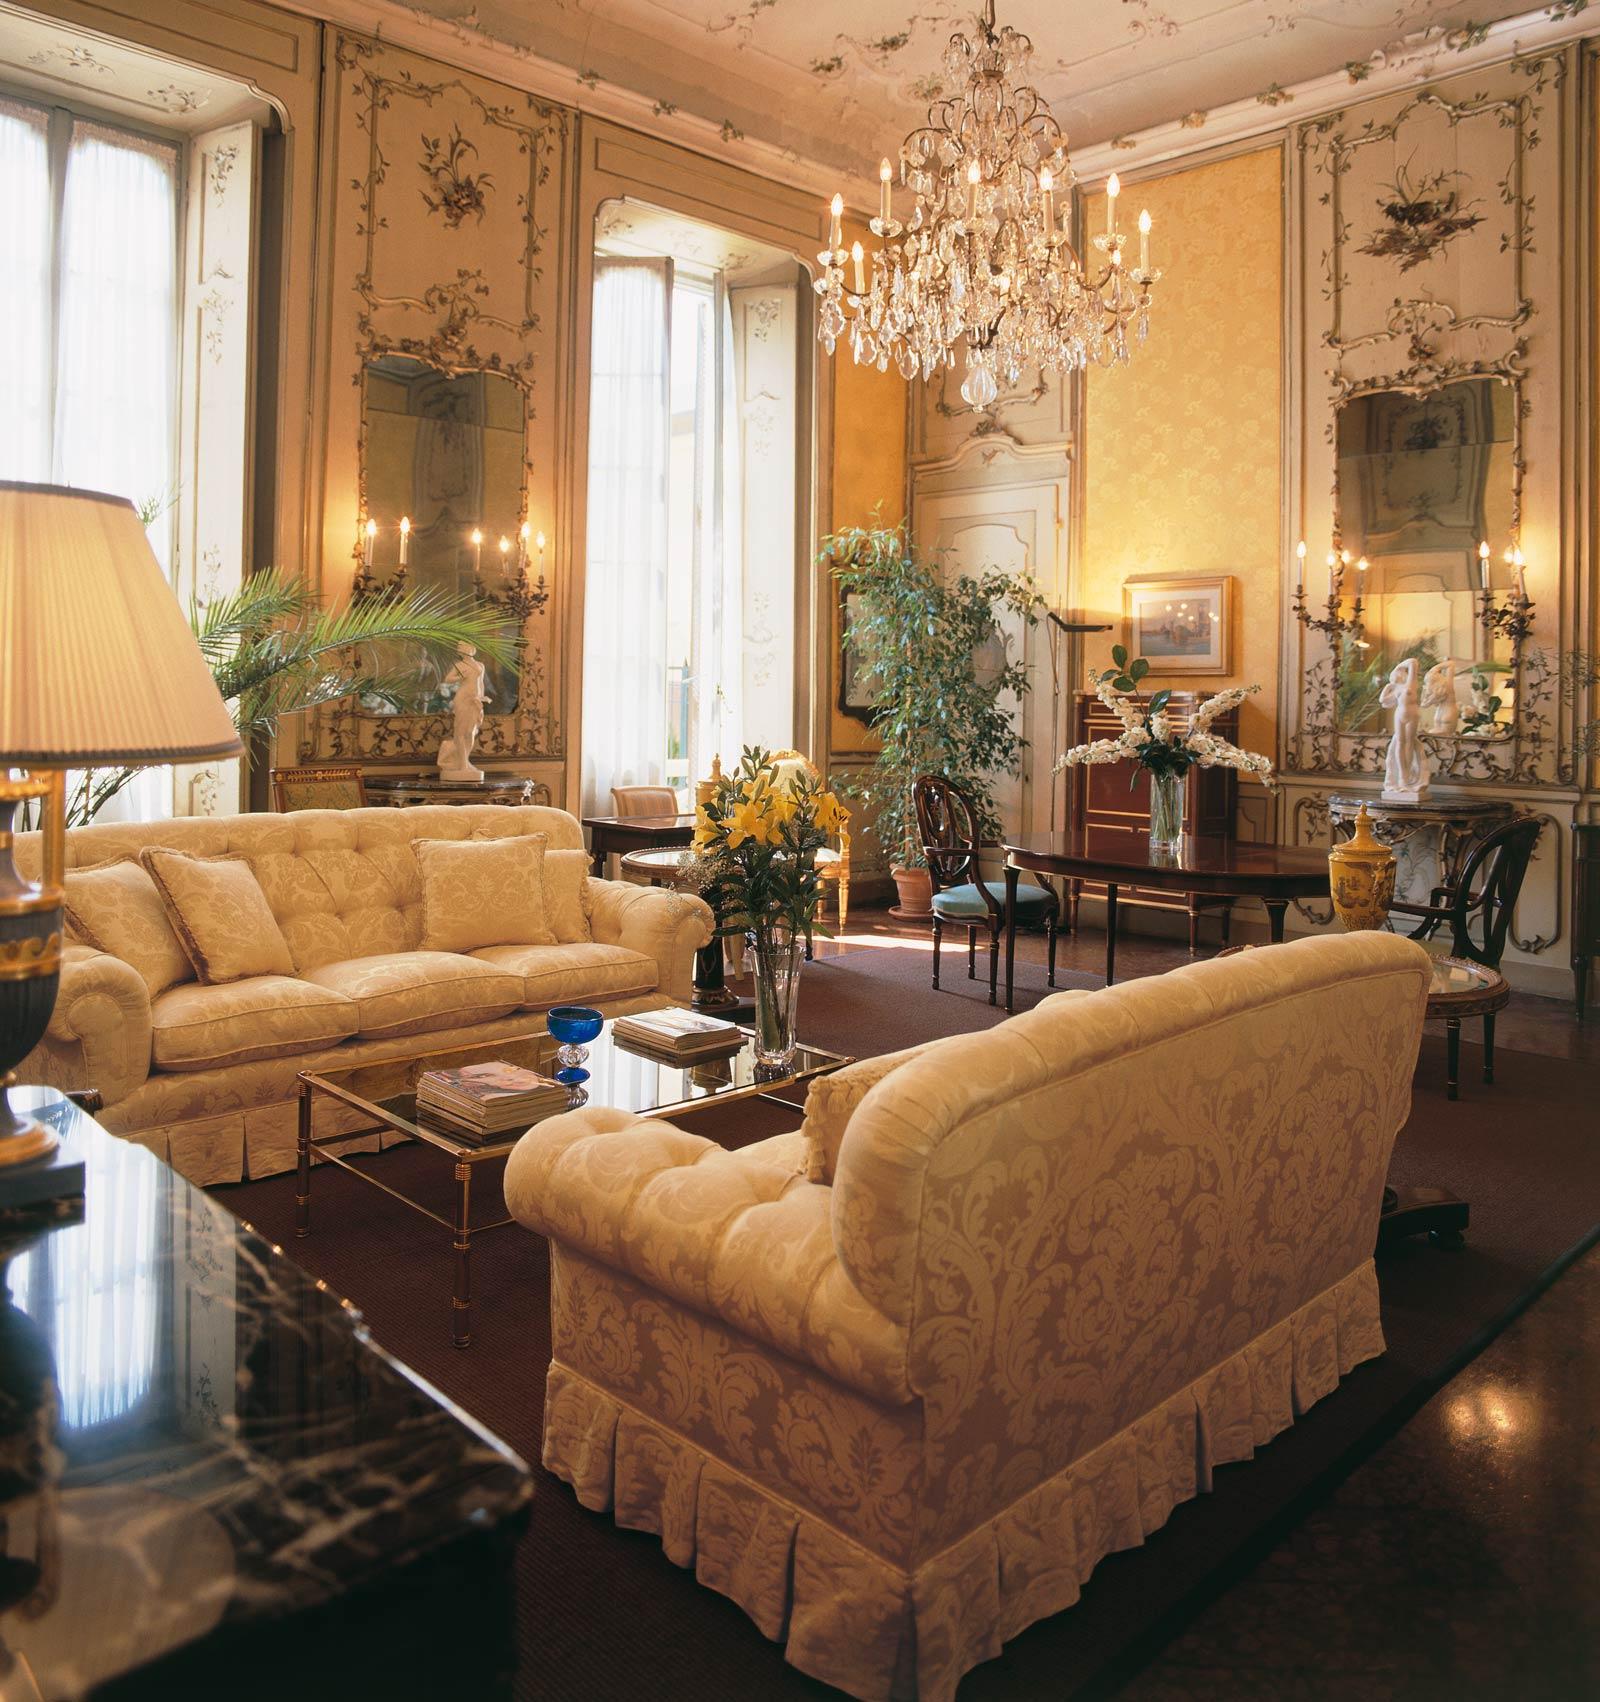 Divani classici tante idee per arredare il tuo salotto in for Case stile inglese interni